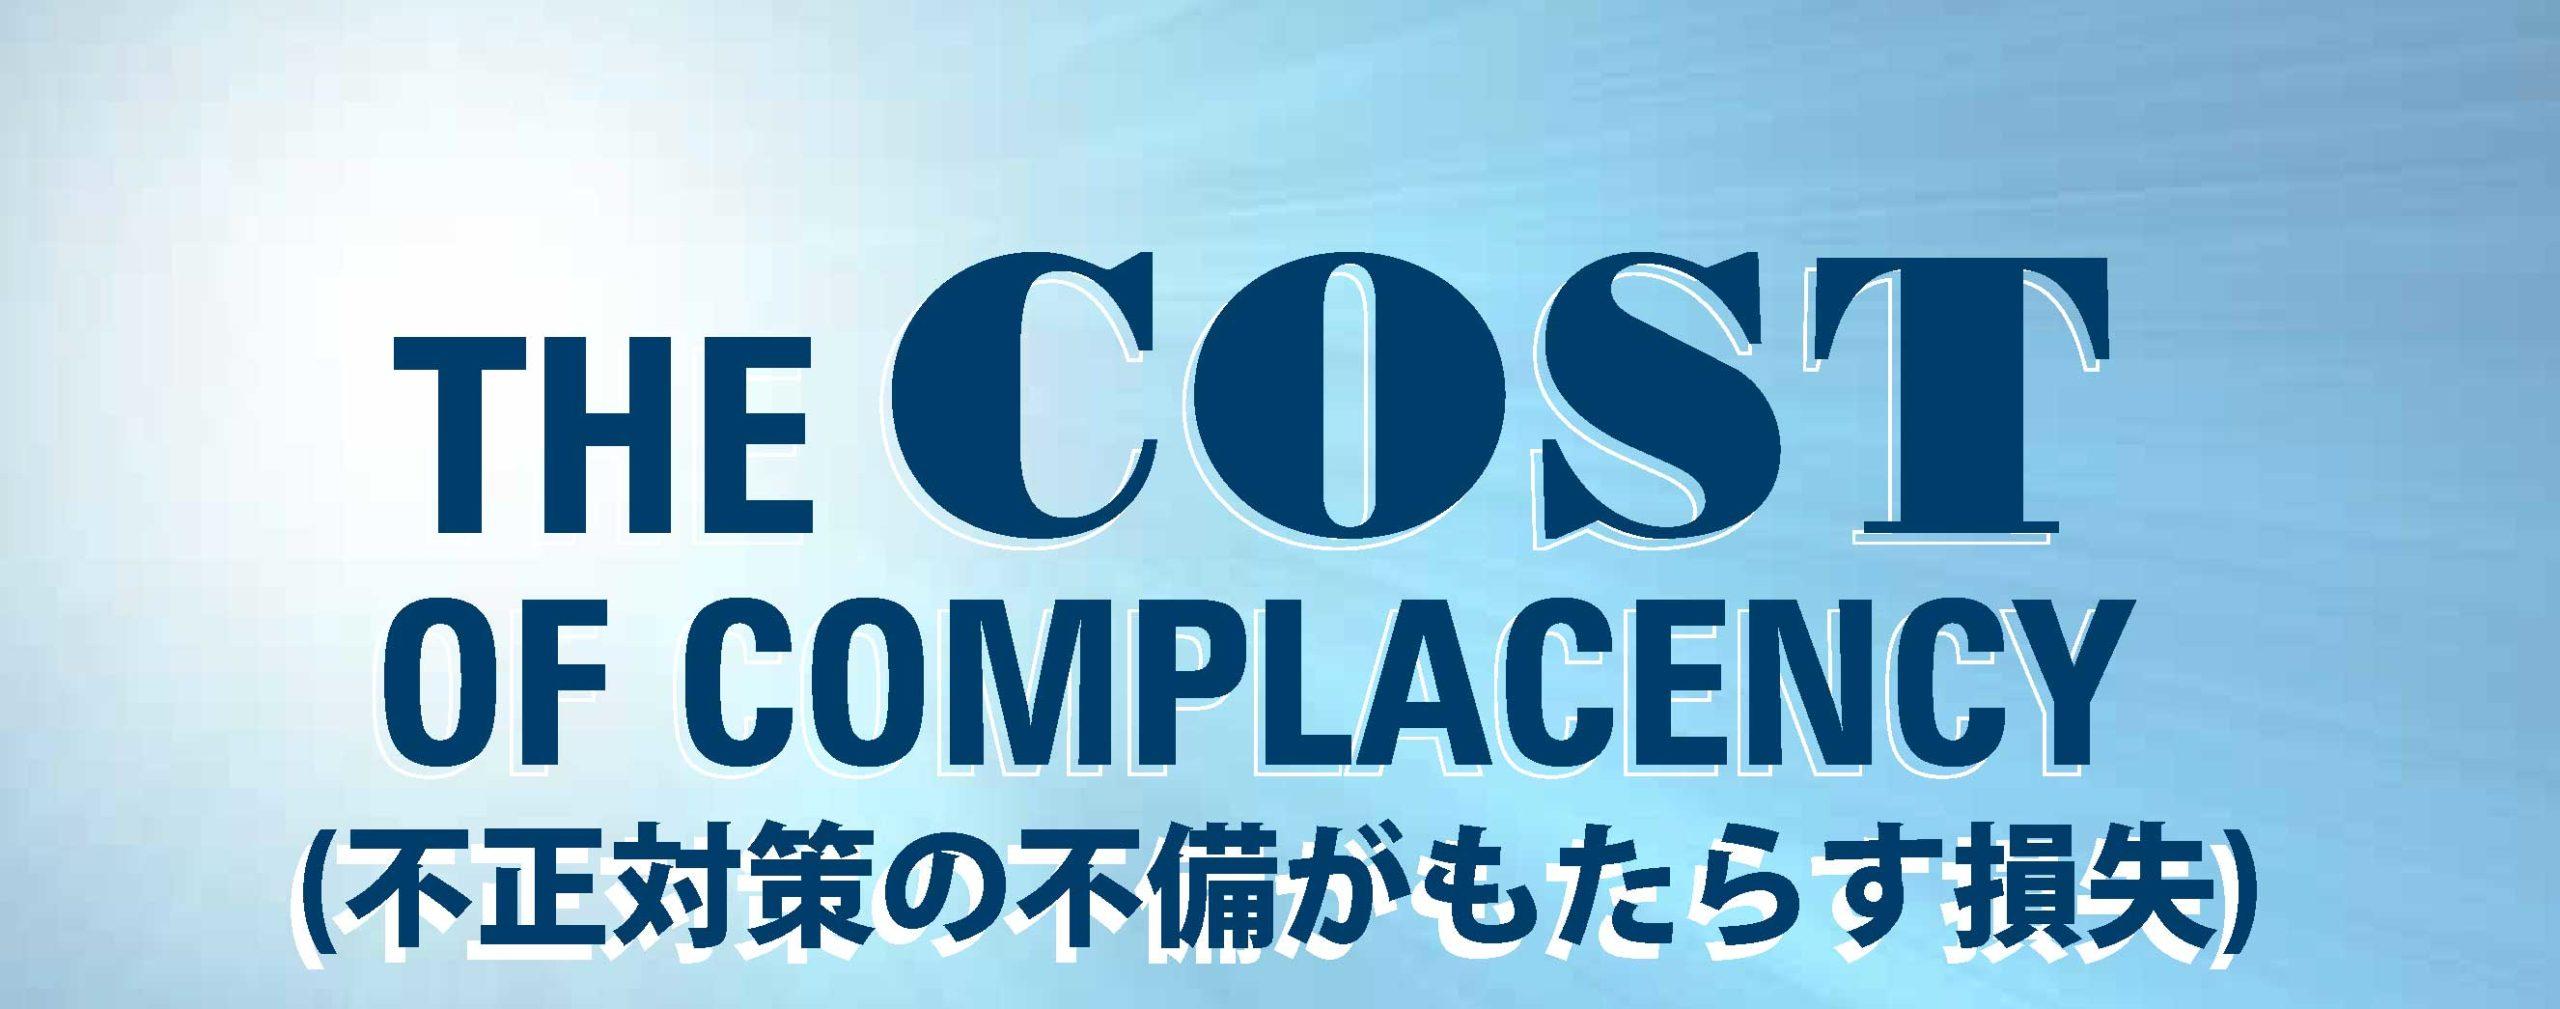 最新米国トピックス:[INFOGRAPHIC] The Cost of Complacency (不正対策の不備がもたらす損失)